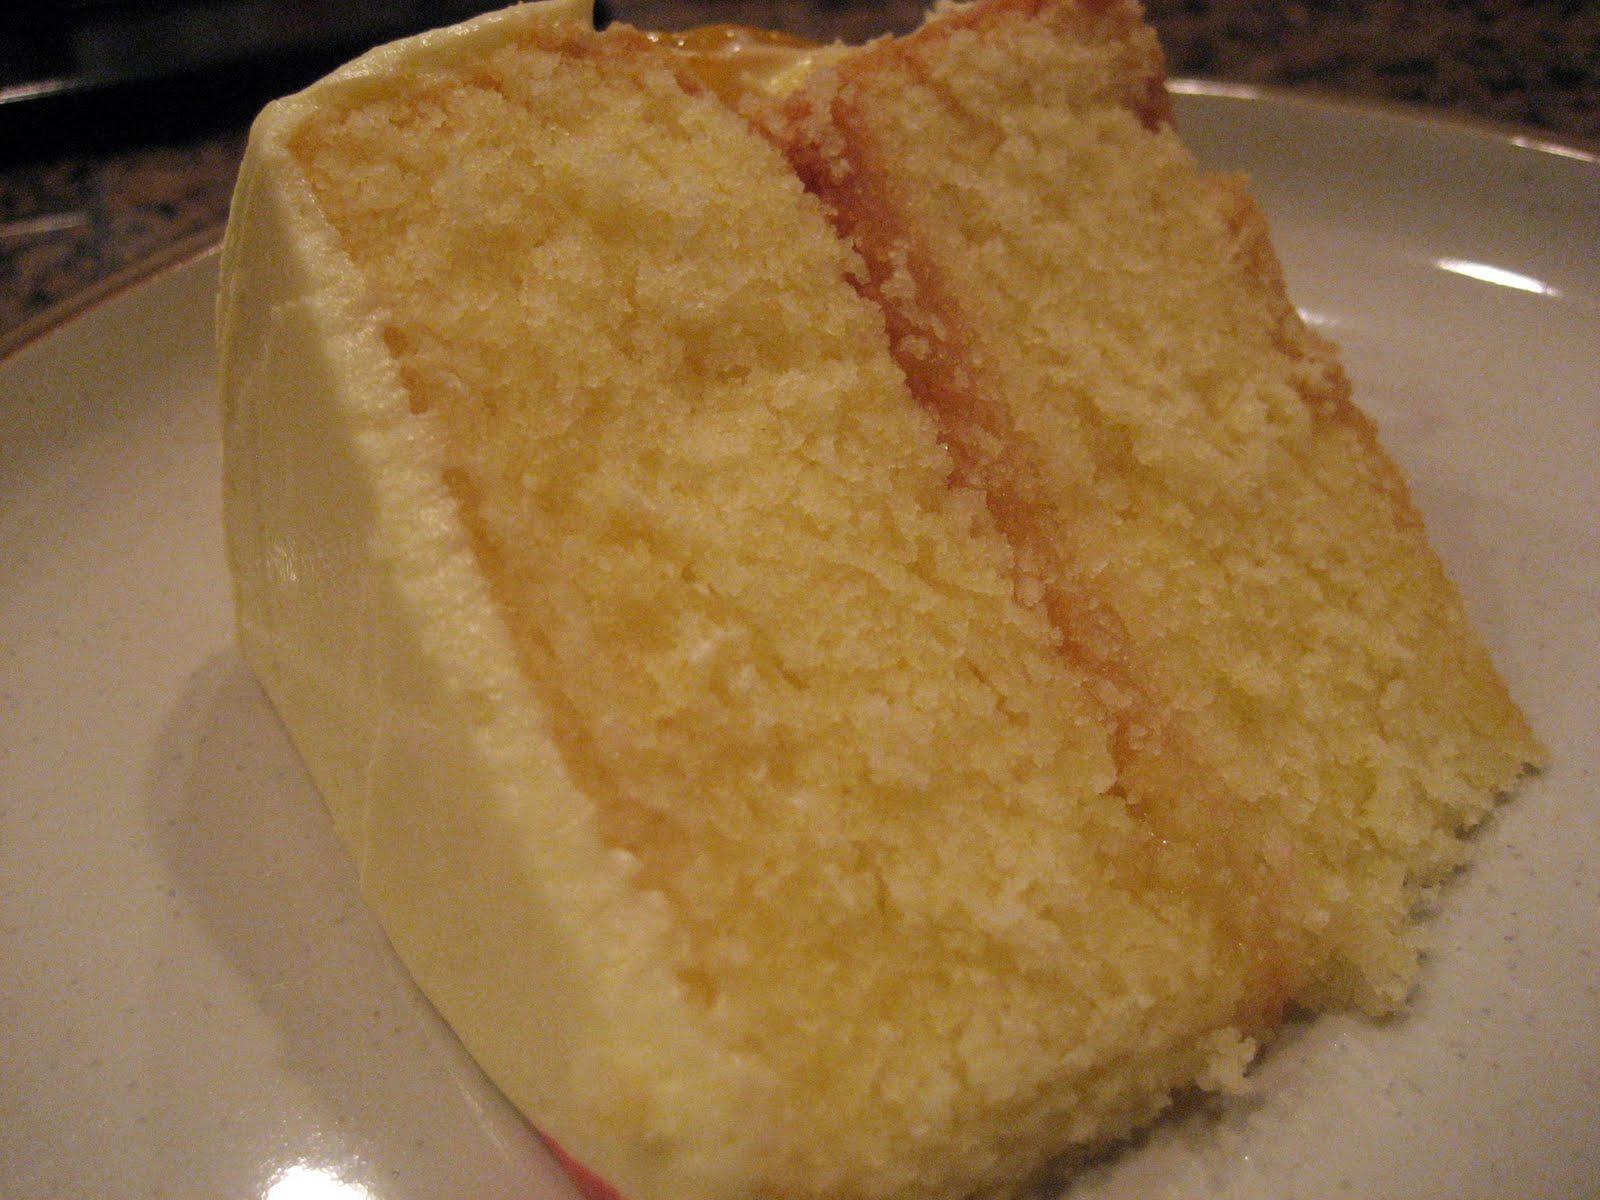 Betty Crocker Gluten Free Lemon Cake